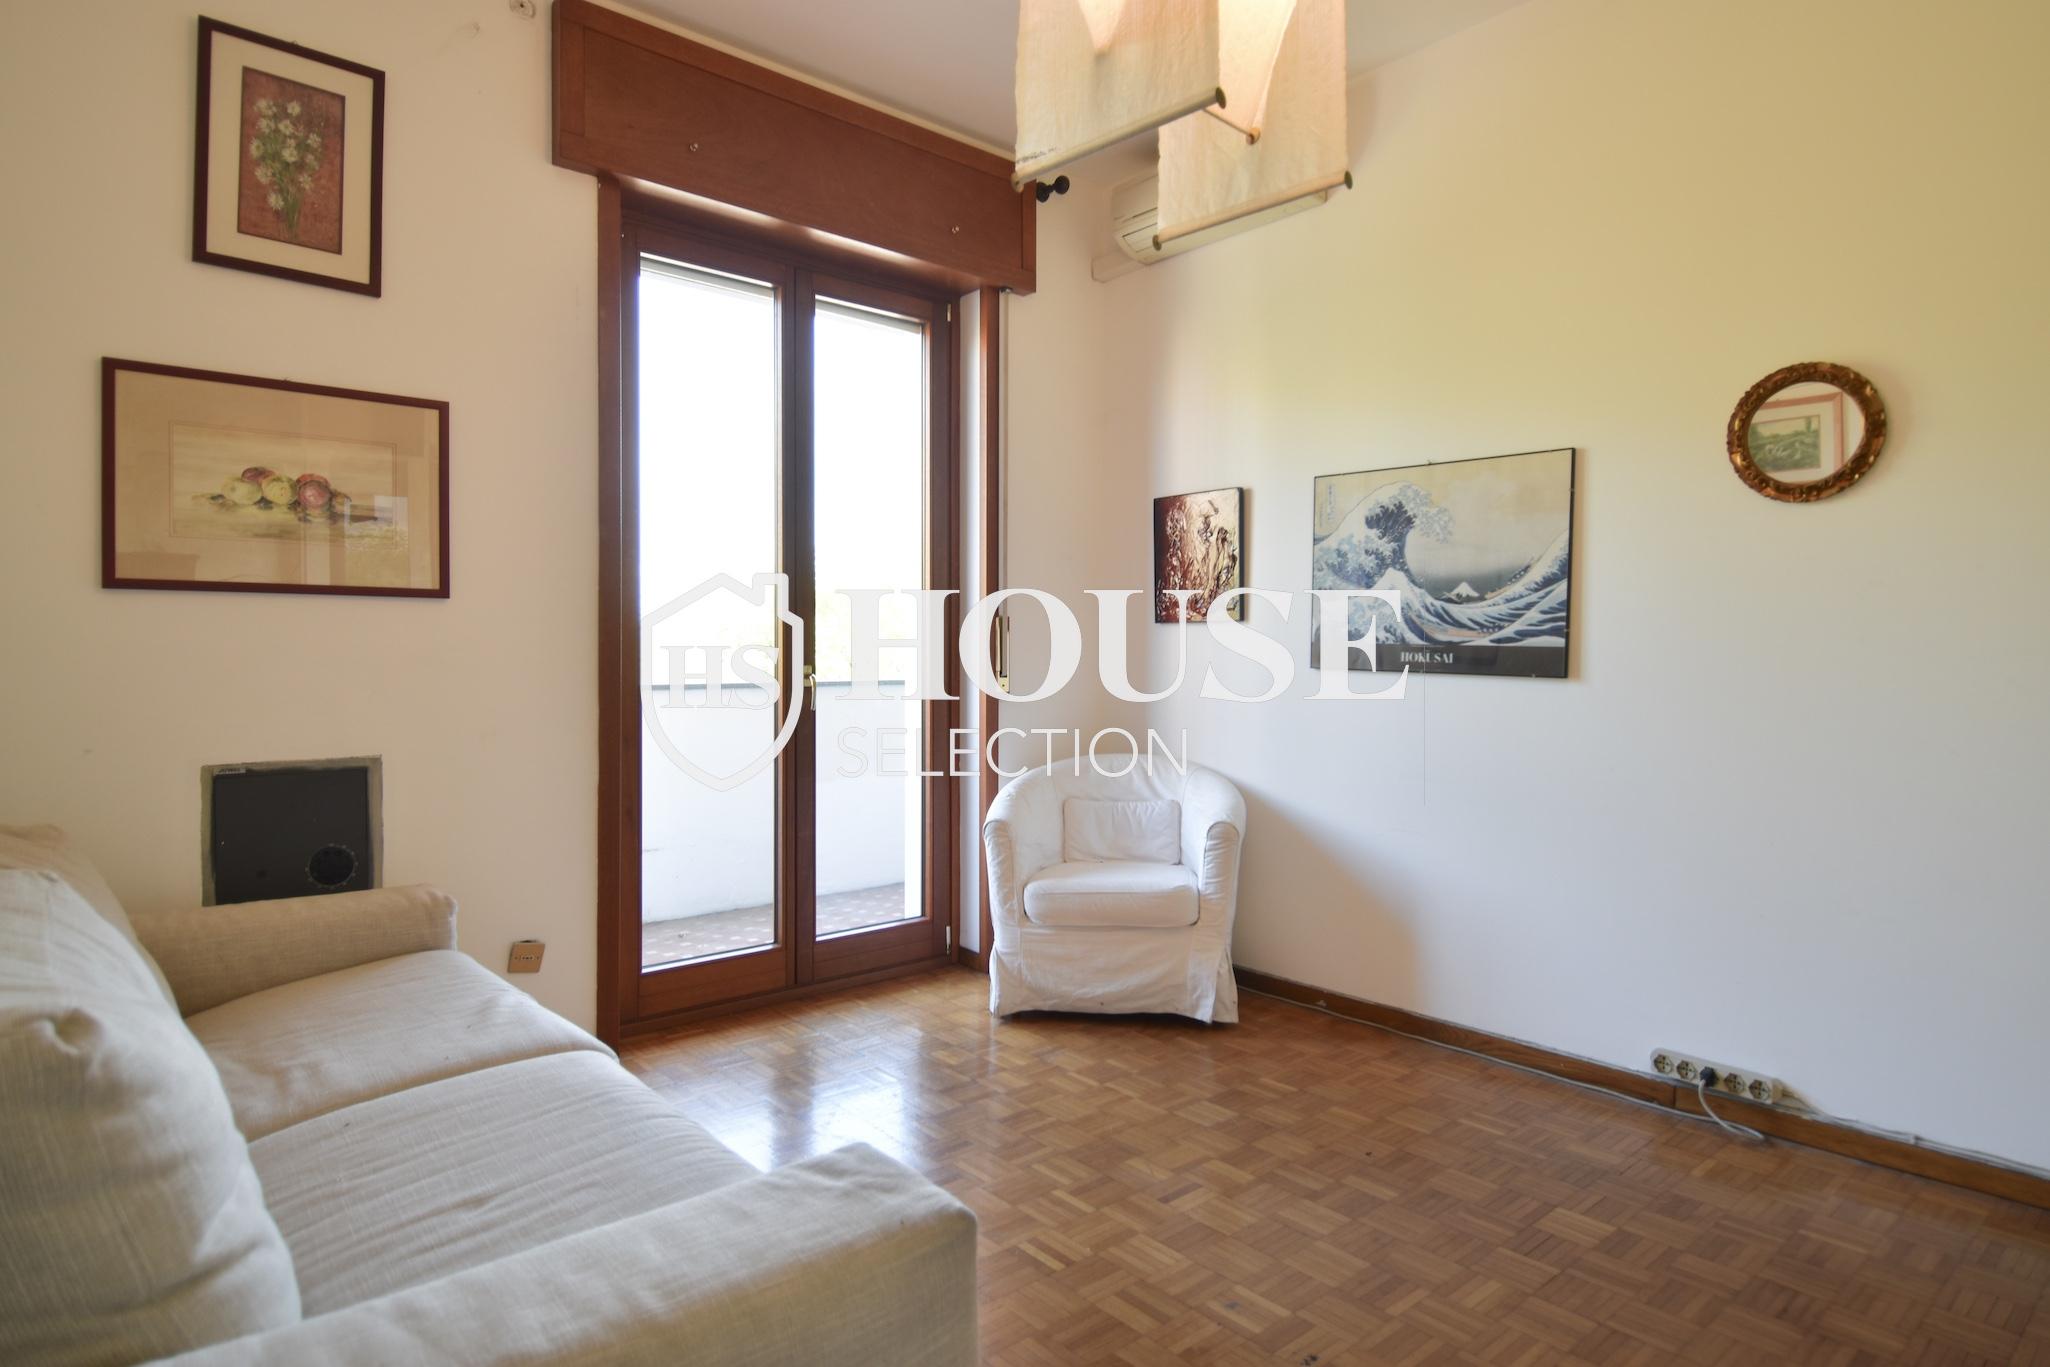 Vendita quadrilocale con balconi, piazza Bolivar, piano alto, luminoso, fermata metropolitana, Milano 4